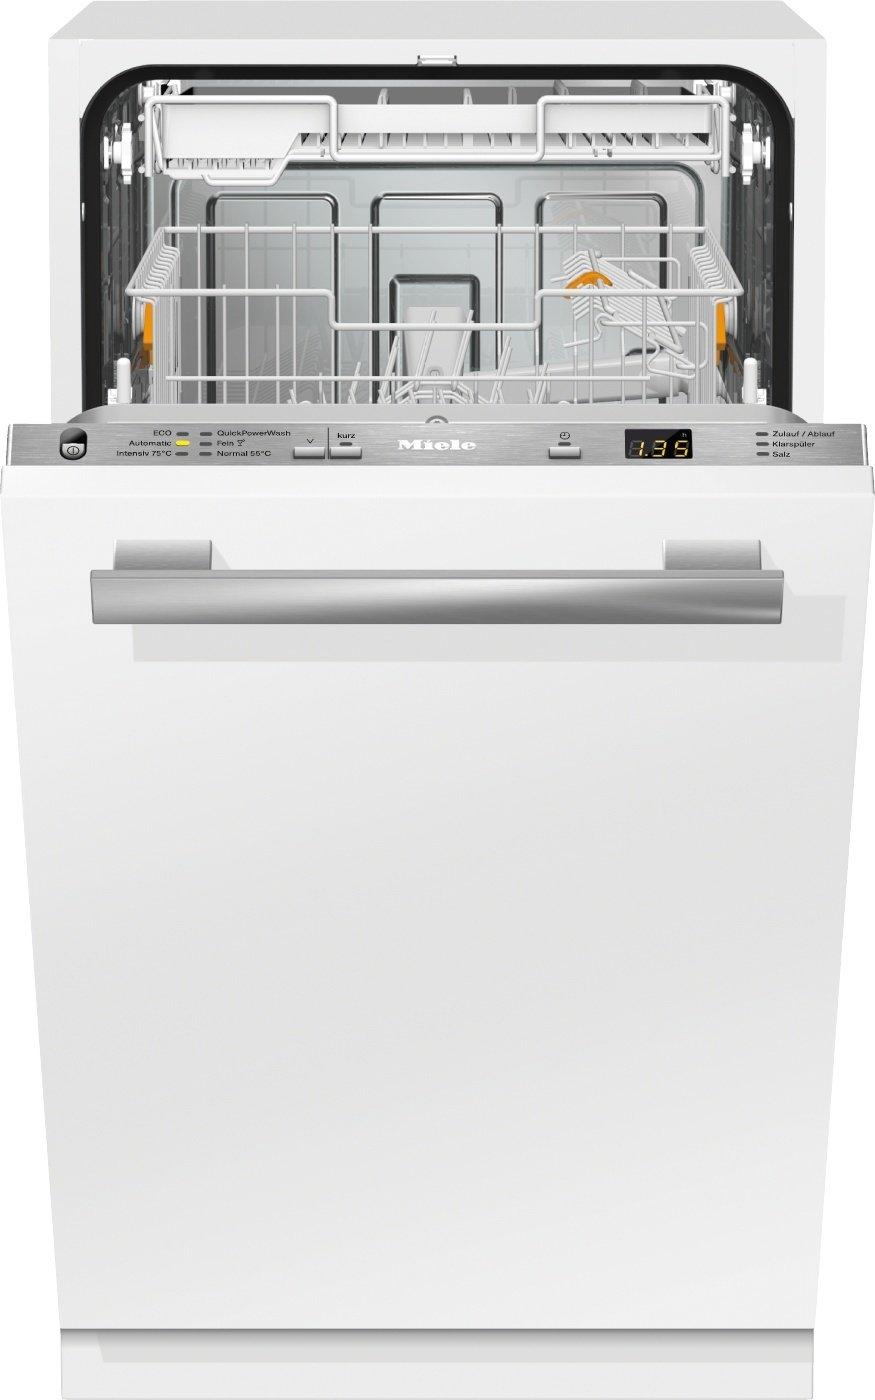 a scomparsa totale Miele carico e scarico comodo particolarmente economica 221 kWh con classe di efficienza energetica UE A+++ lavastoviglie G 4780 SCVi D ED230 2,0 9 MGD